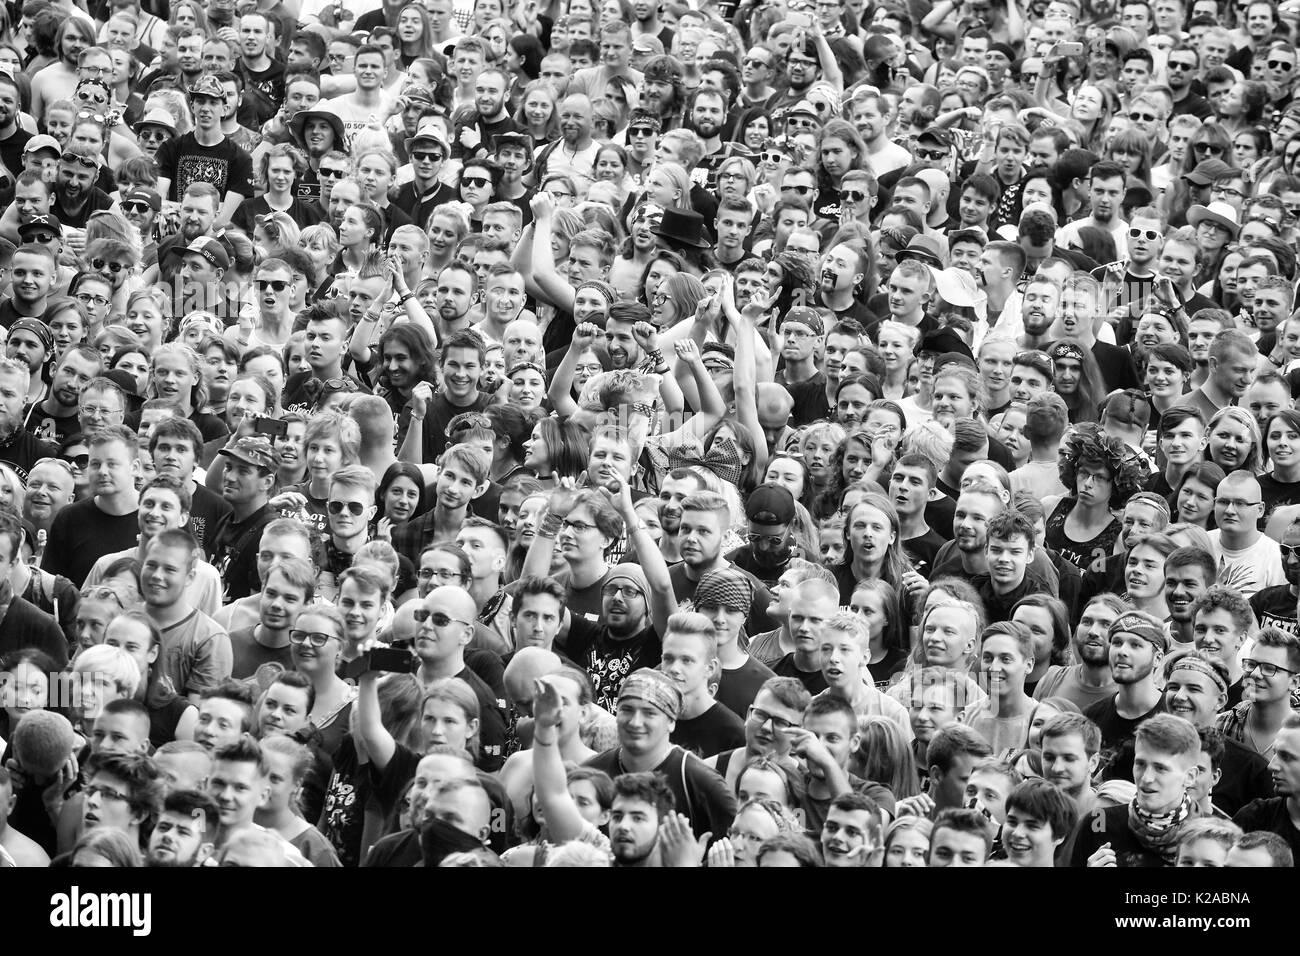 Nowy, Pologne - 05 août 2017: foule applaudir à un concert au cours du 23e Festival de Woodstock de la Pologne. Photo Stock